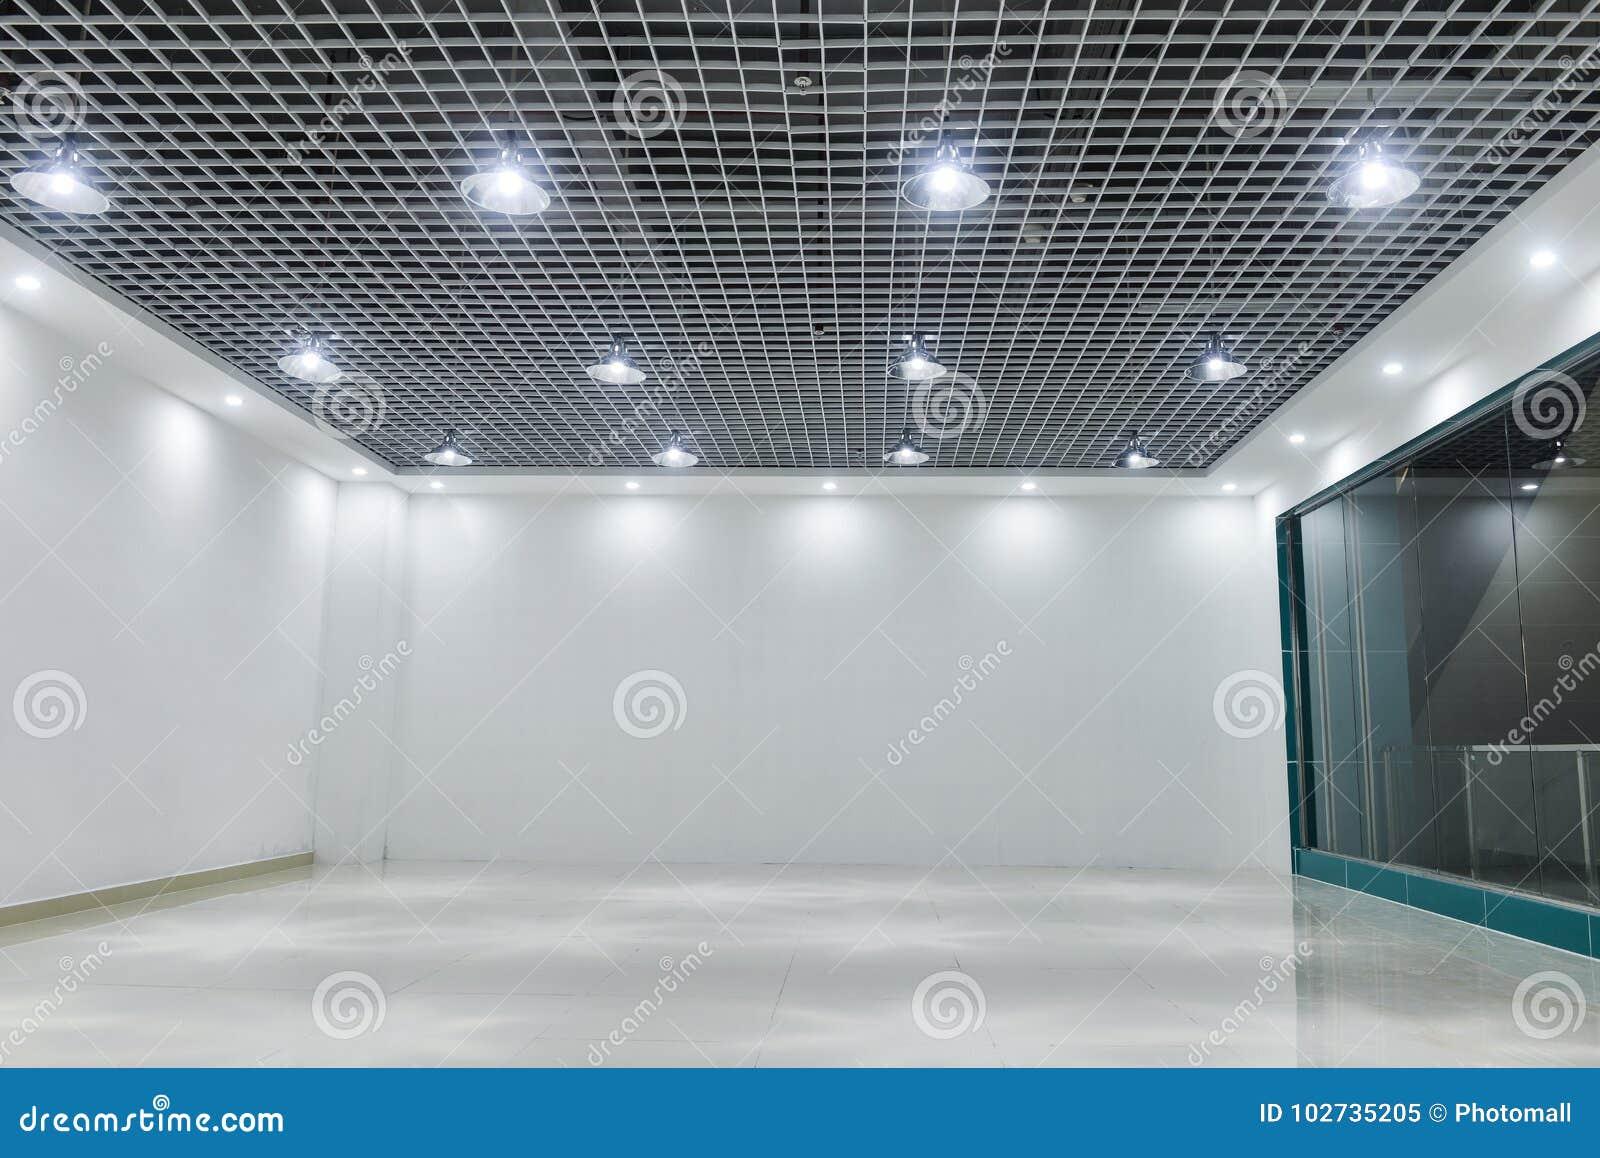 Plafoniere Soffitto Moderno : Plafoniere principali sul soffitto commerciale moderno della